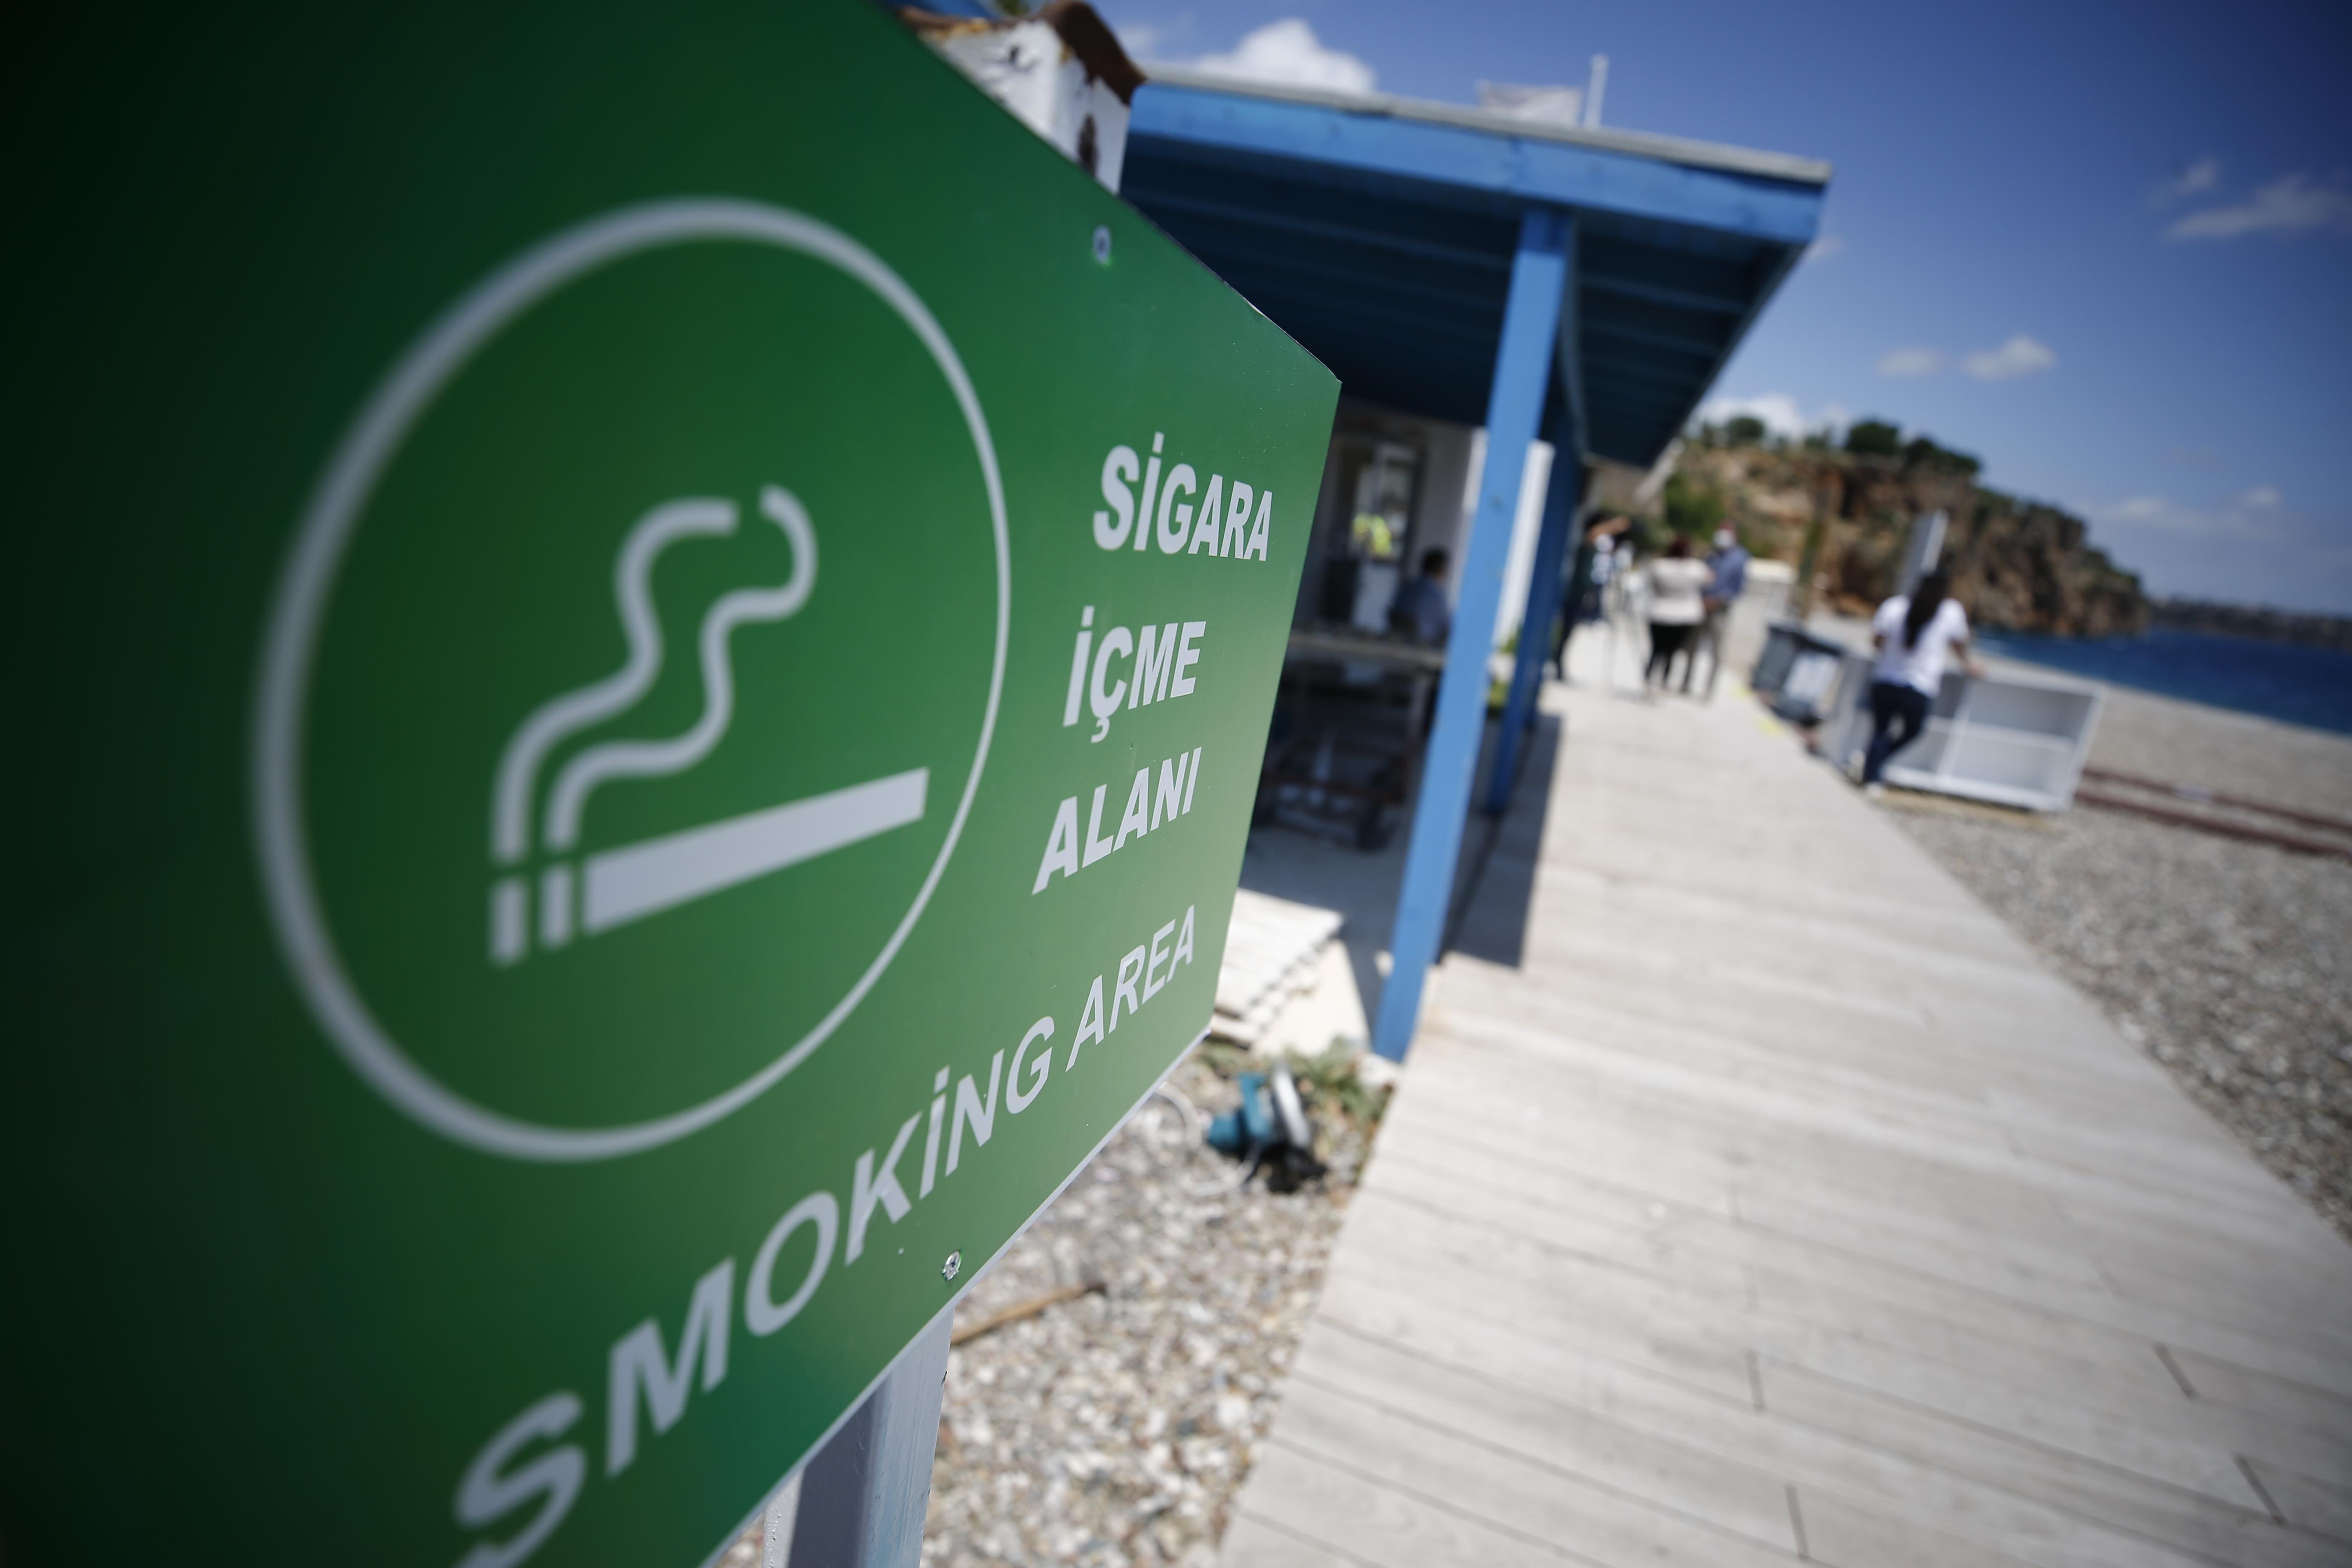 Törökországban betiltják a dohányzást a zsúfolt közterületeken